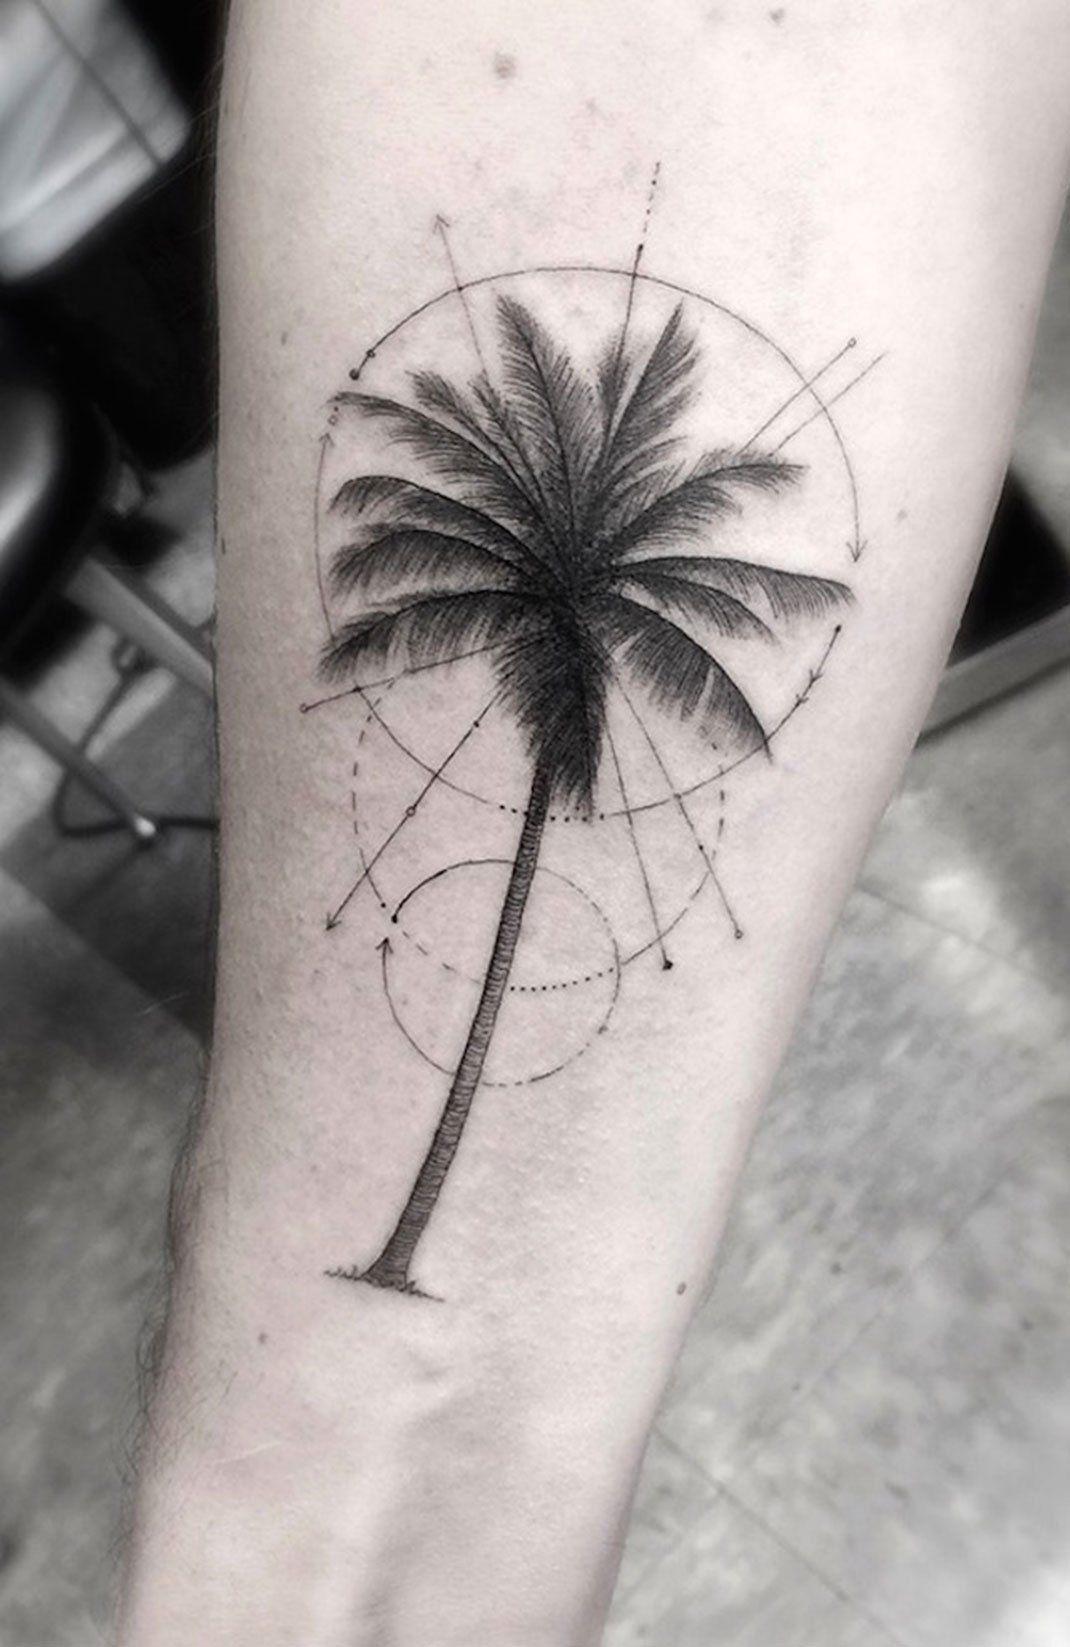 20 Idees De Tatouages Pour Femme Qu On A Deja Dans La Peau Tattoos